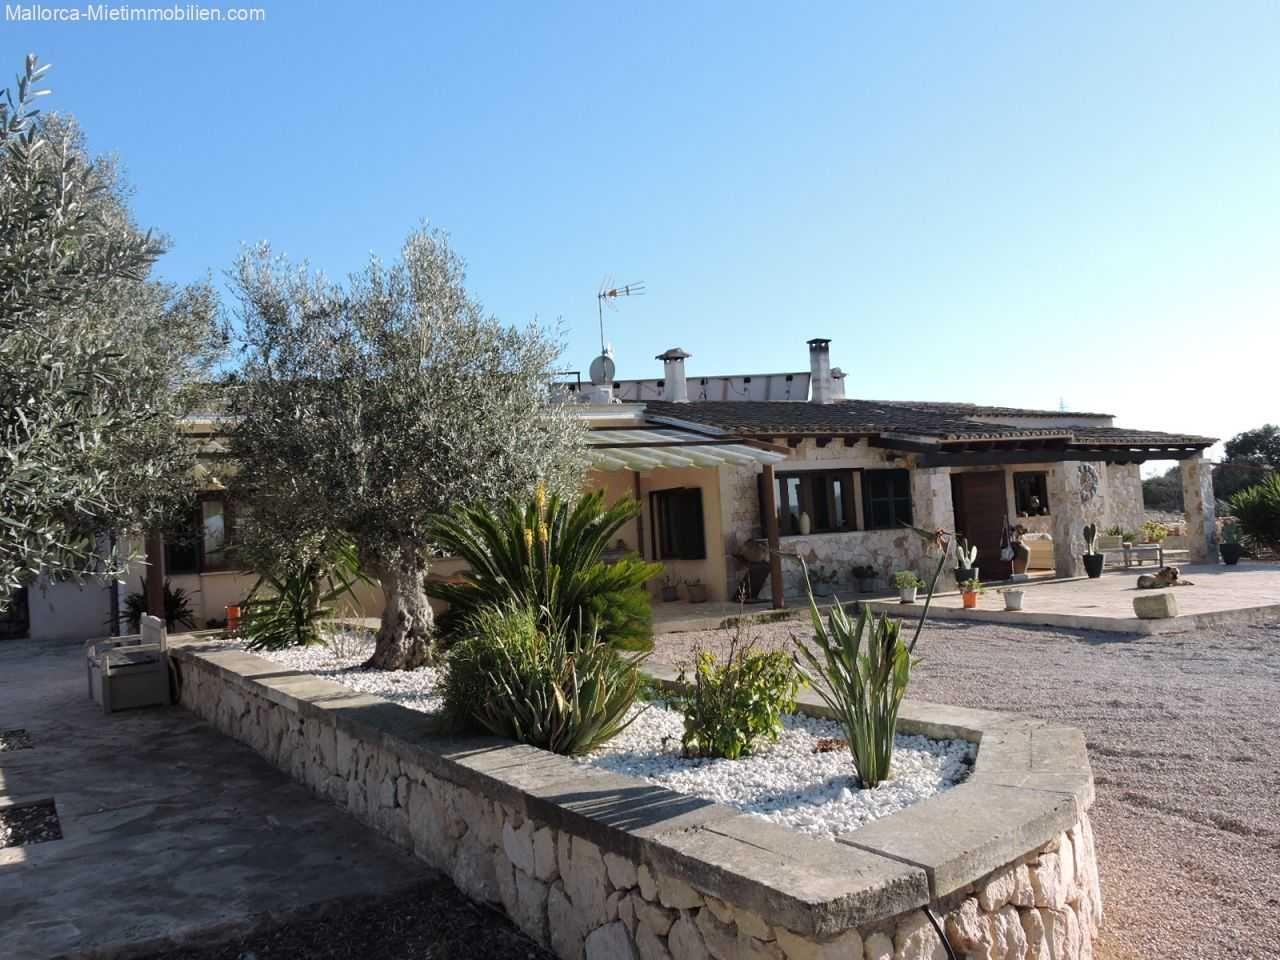 Manacor Vermietung Finca Mit 4 Zimmern 2 Badern Terrassen Pool Zur Miete 1650 Eur Pro Monat Manacor Immobiliens In 2020 Finca Immobilien Mallorca Immobilien